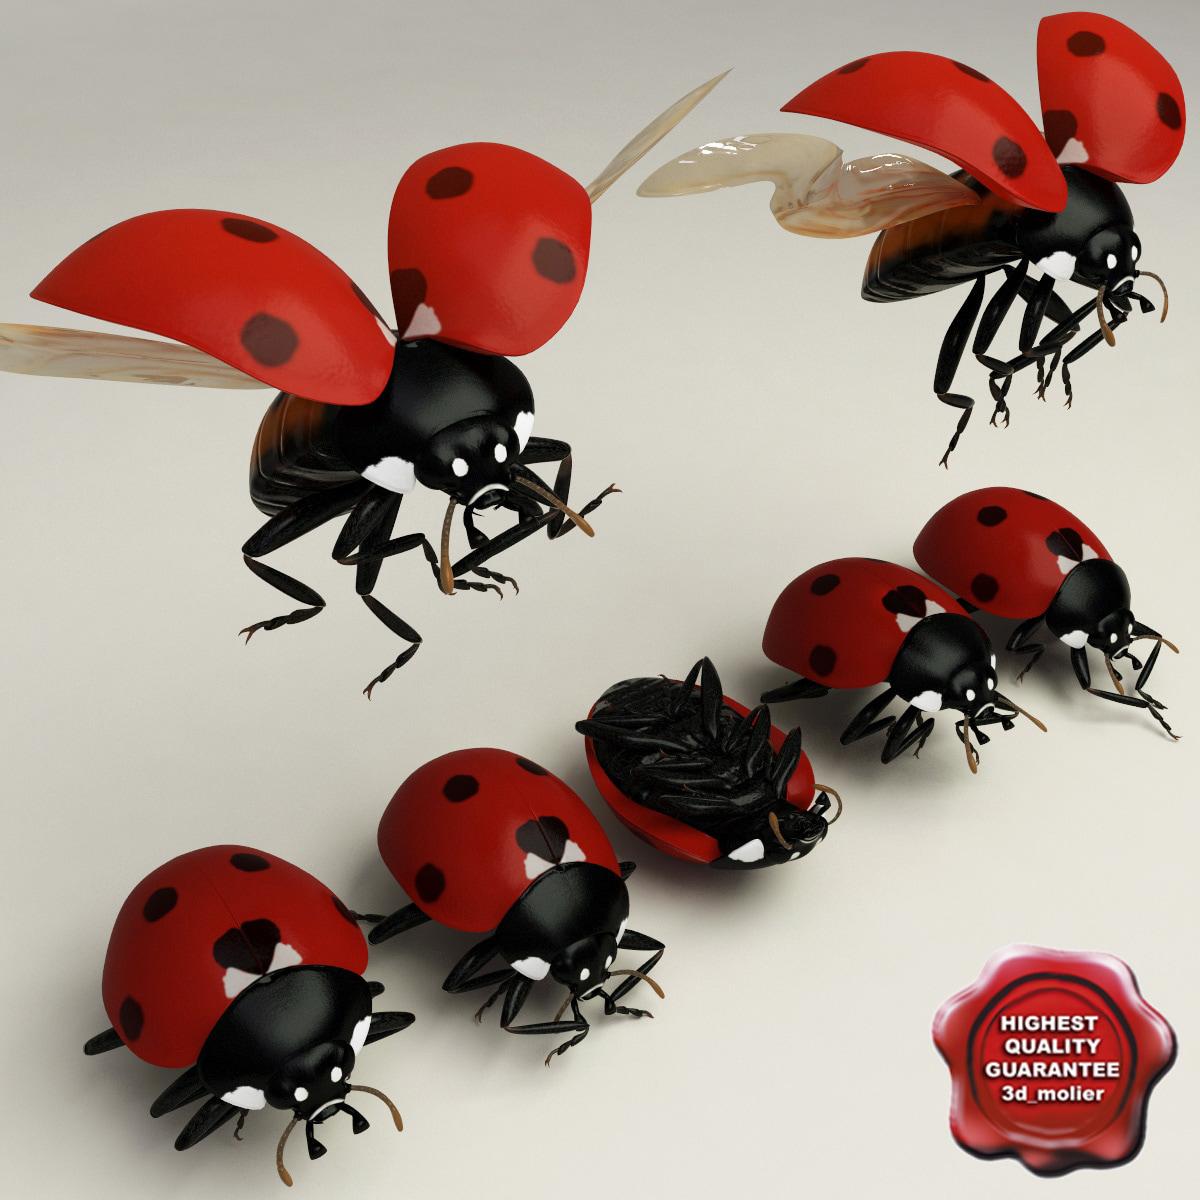 Ladybug_Poses_Collection_00.jpg